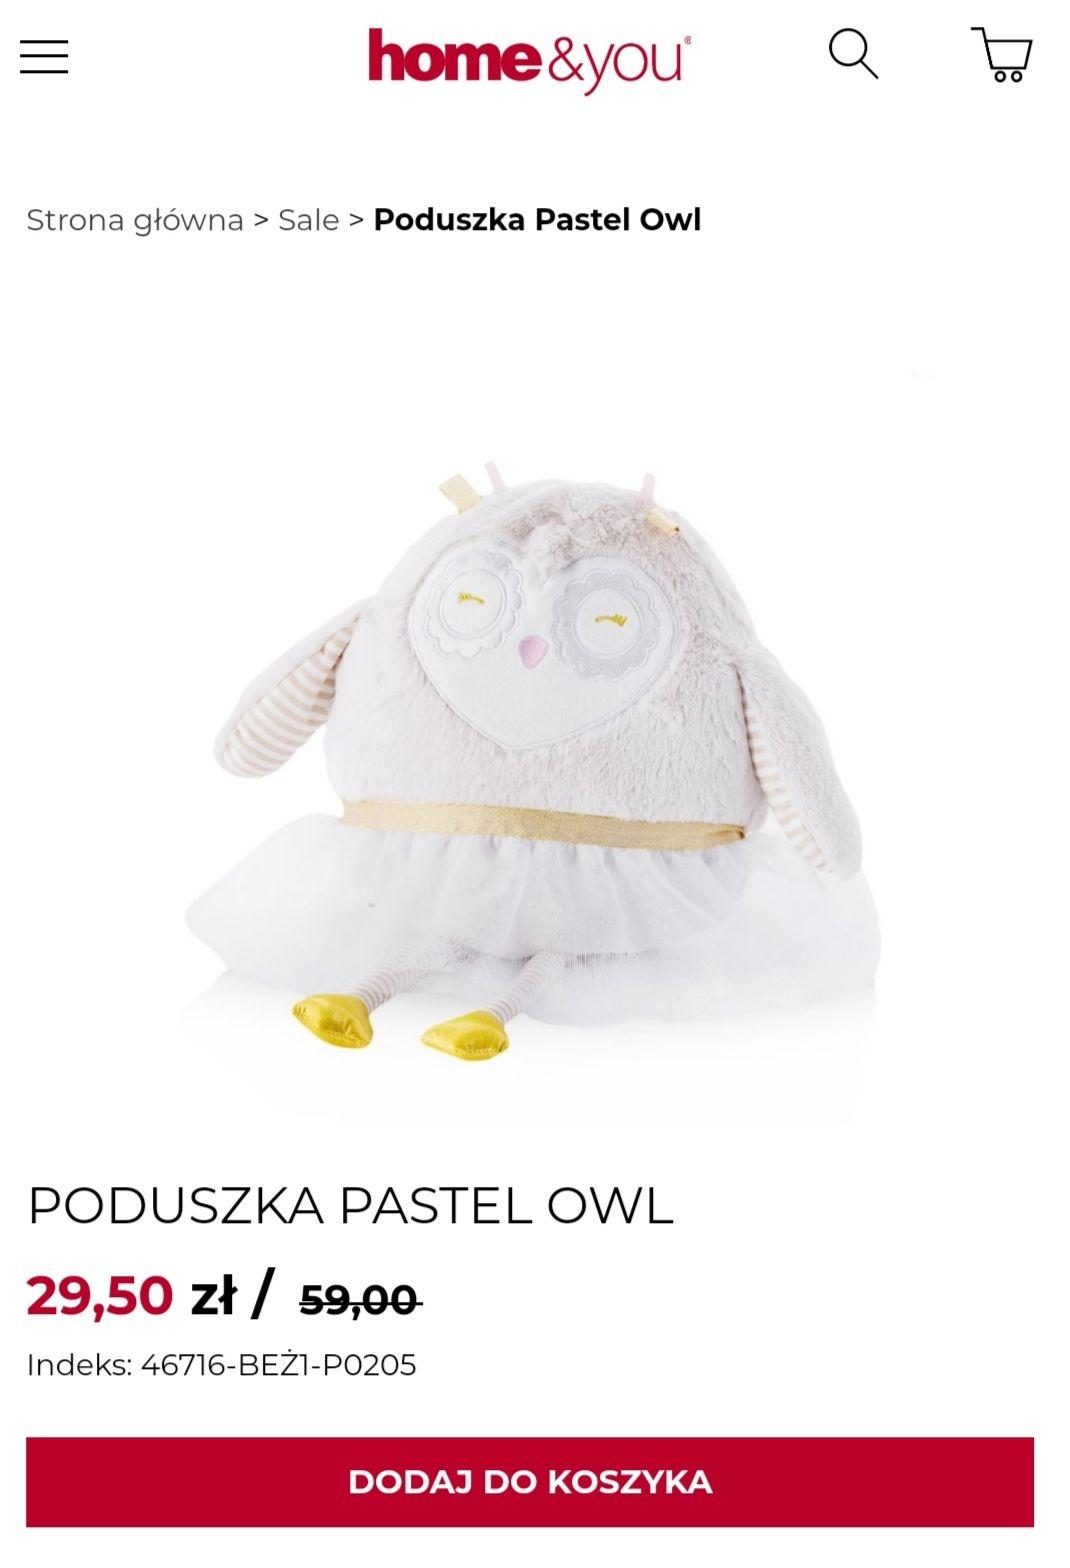 Poduszka PASTEL OWL Home and You oraz kilka propozycji w opisie